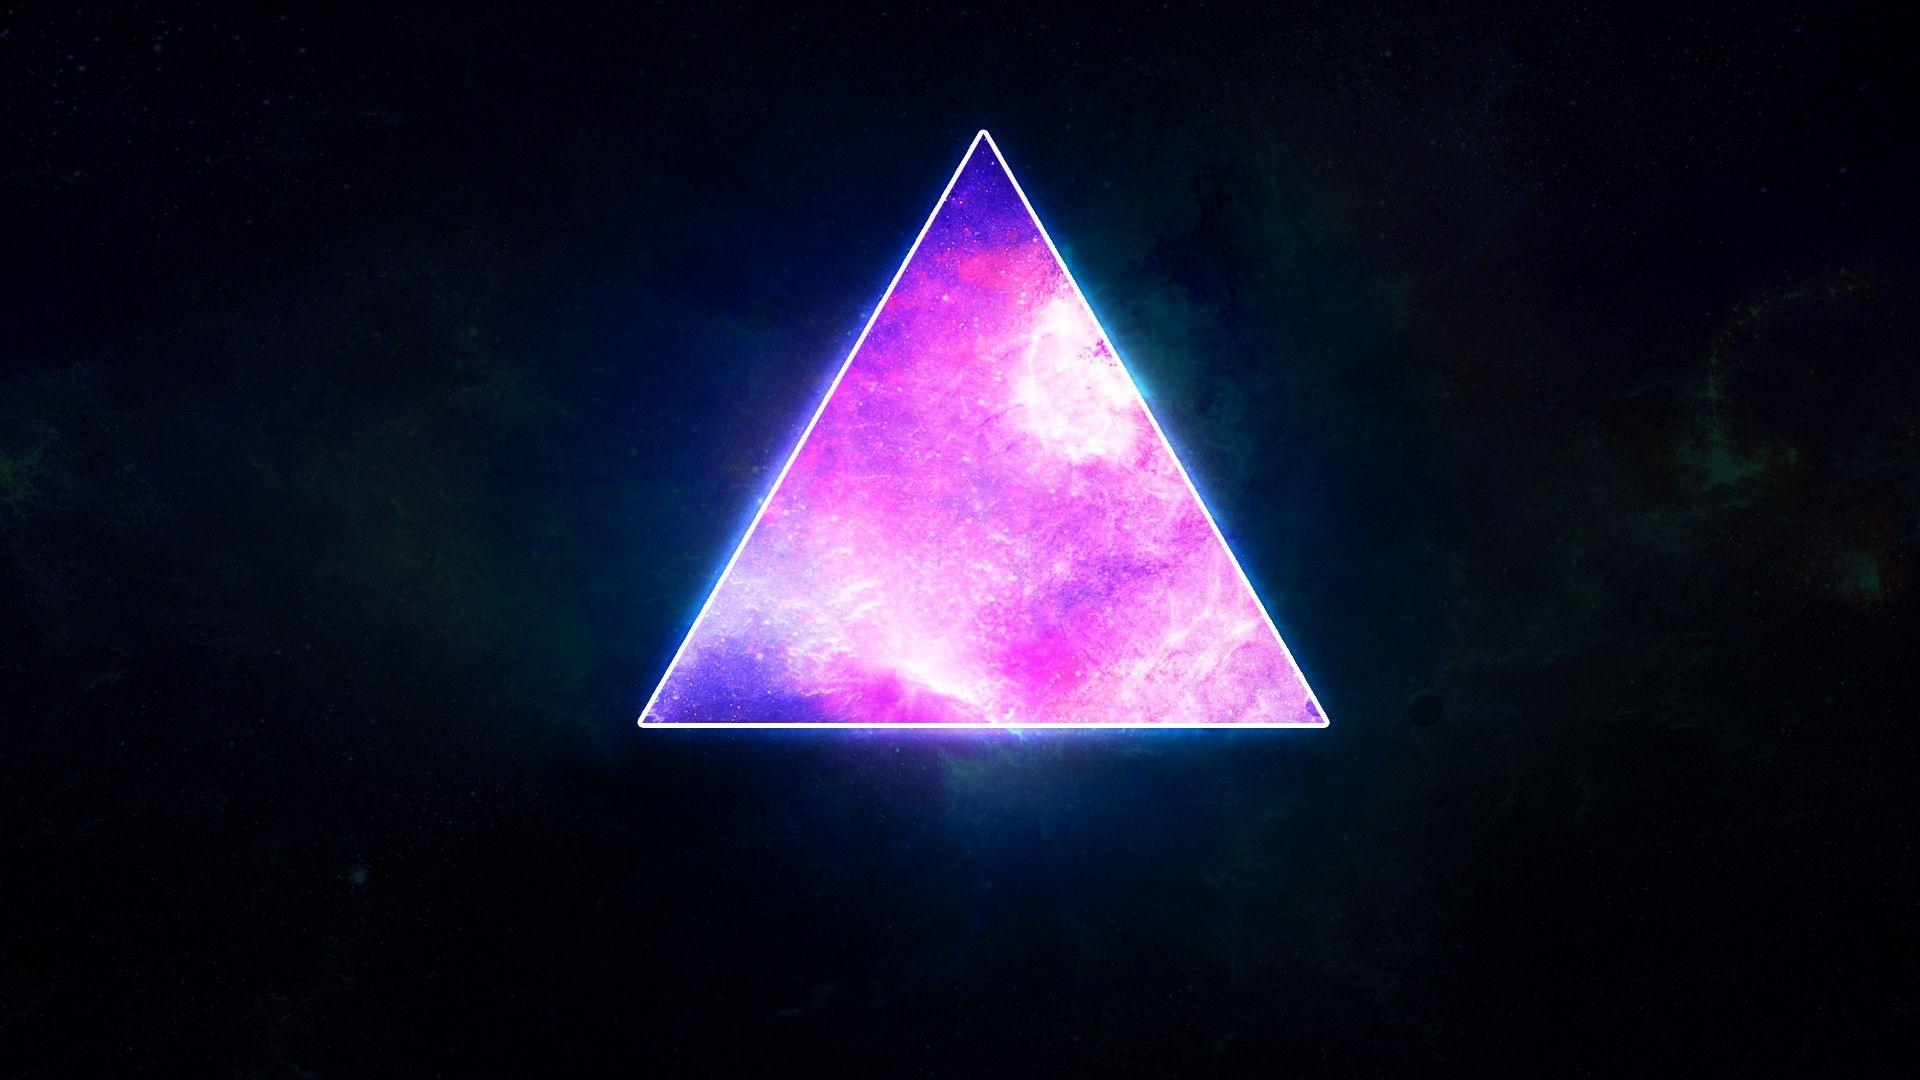 illuminati triangle wallpaper hd - photo #9